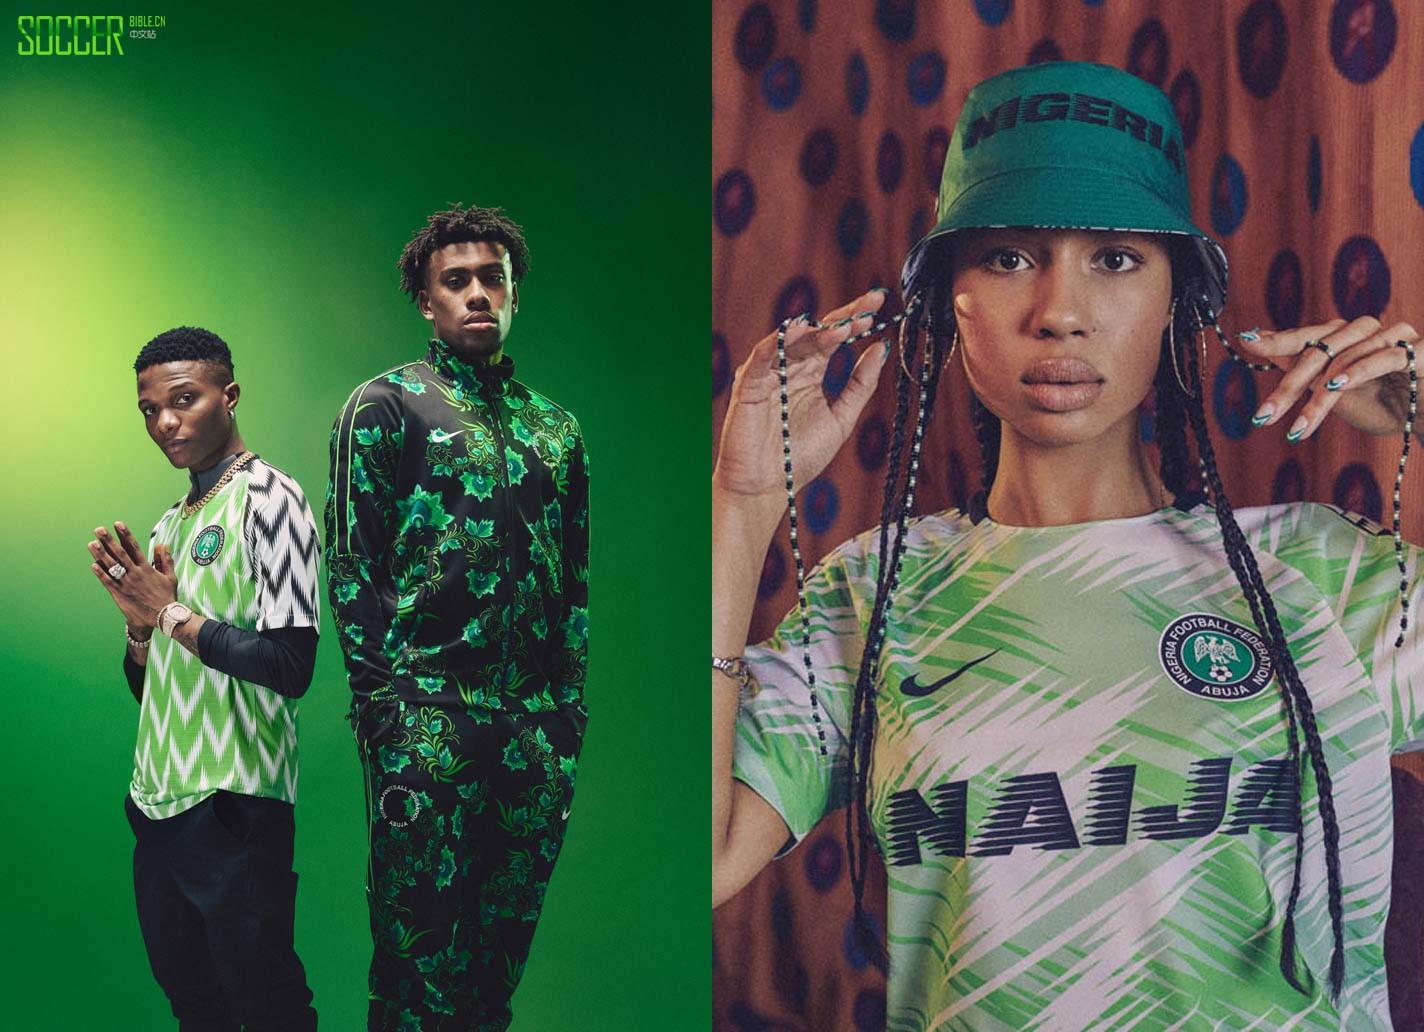 耐克为女足世界杯再次发布尼日利亚世界杯球衣